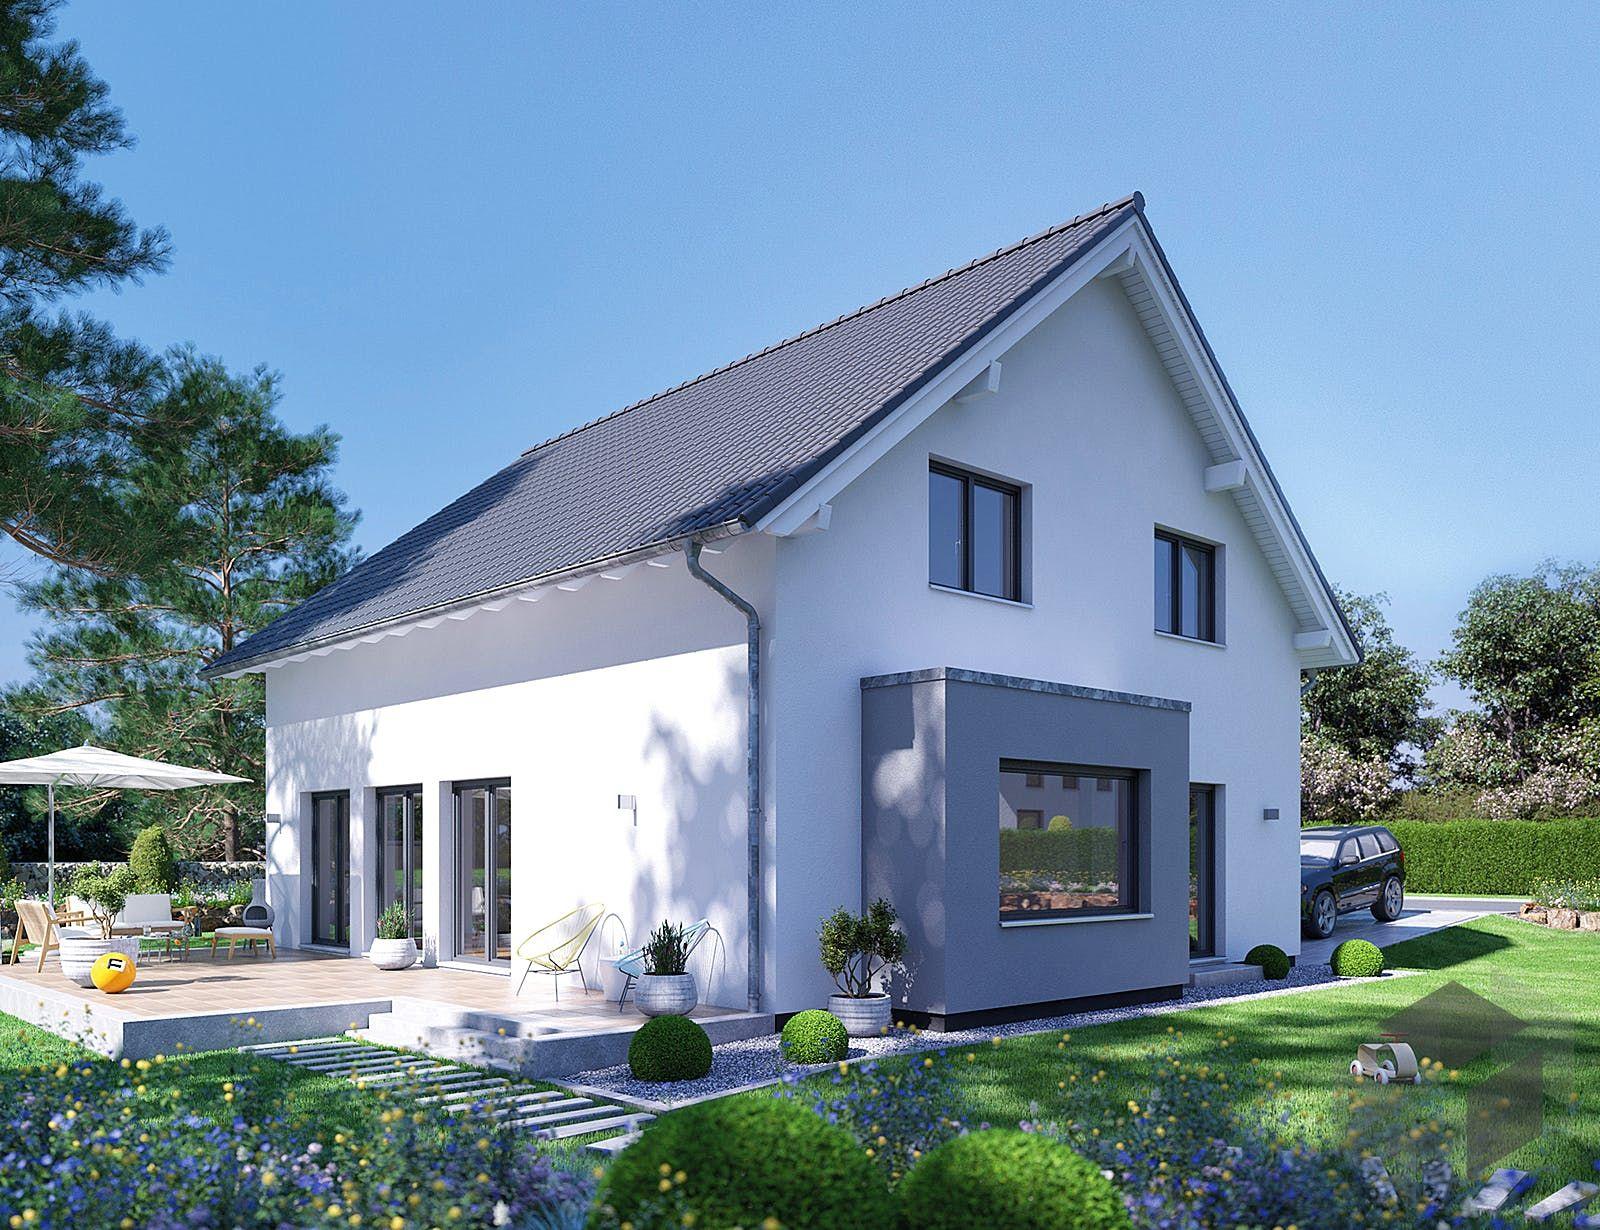 Einfamilienhaus SENTO 400 mit Satteldach von FingerHaus